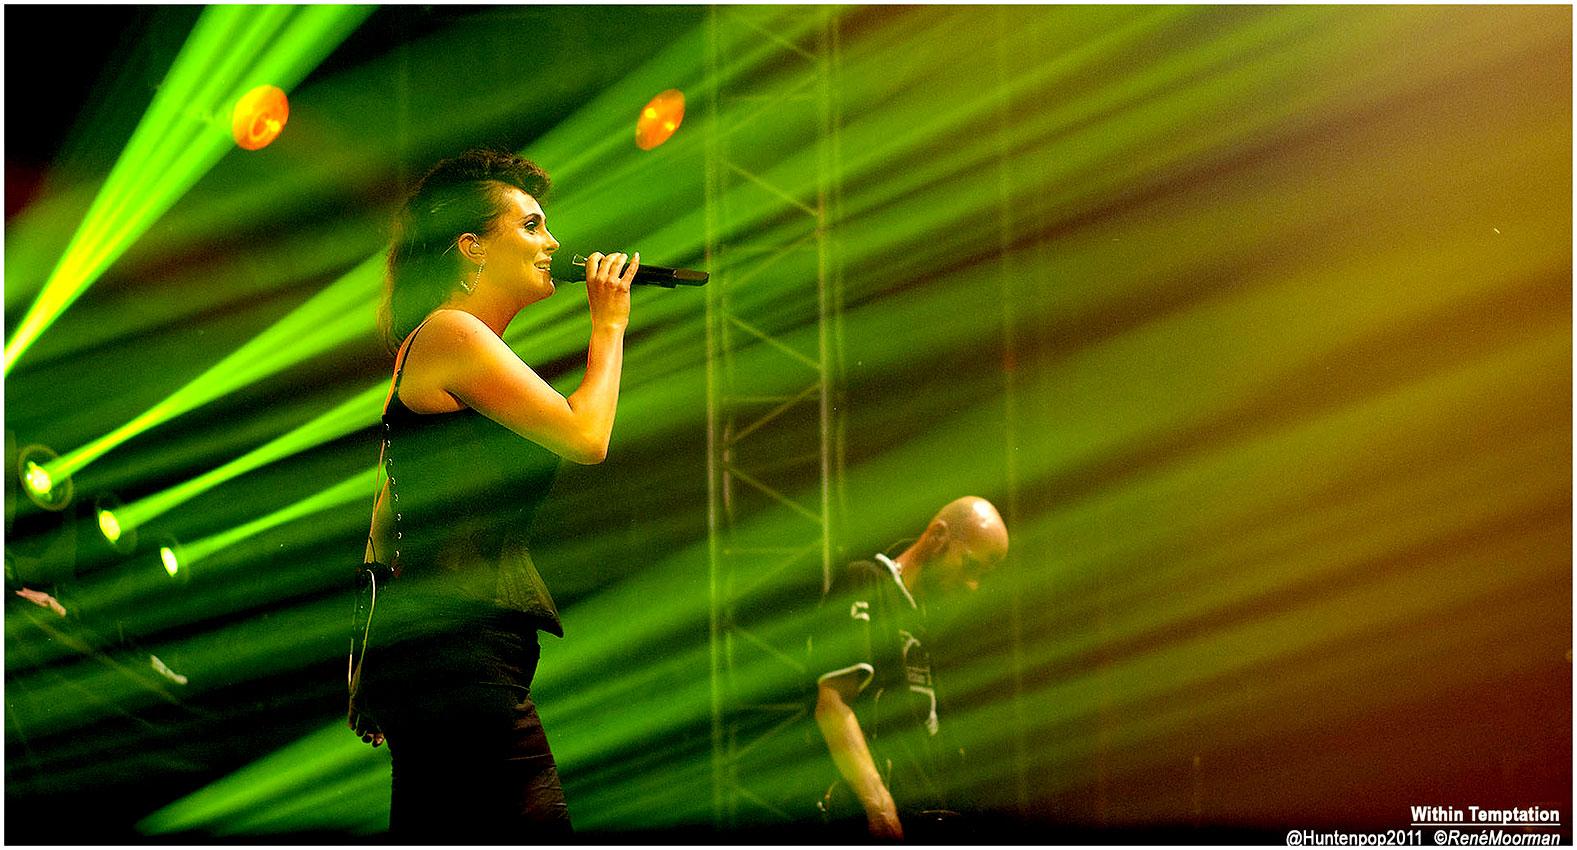 Within Temptation, Huntenpop 2011